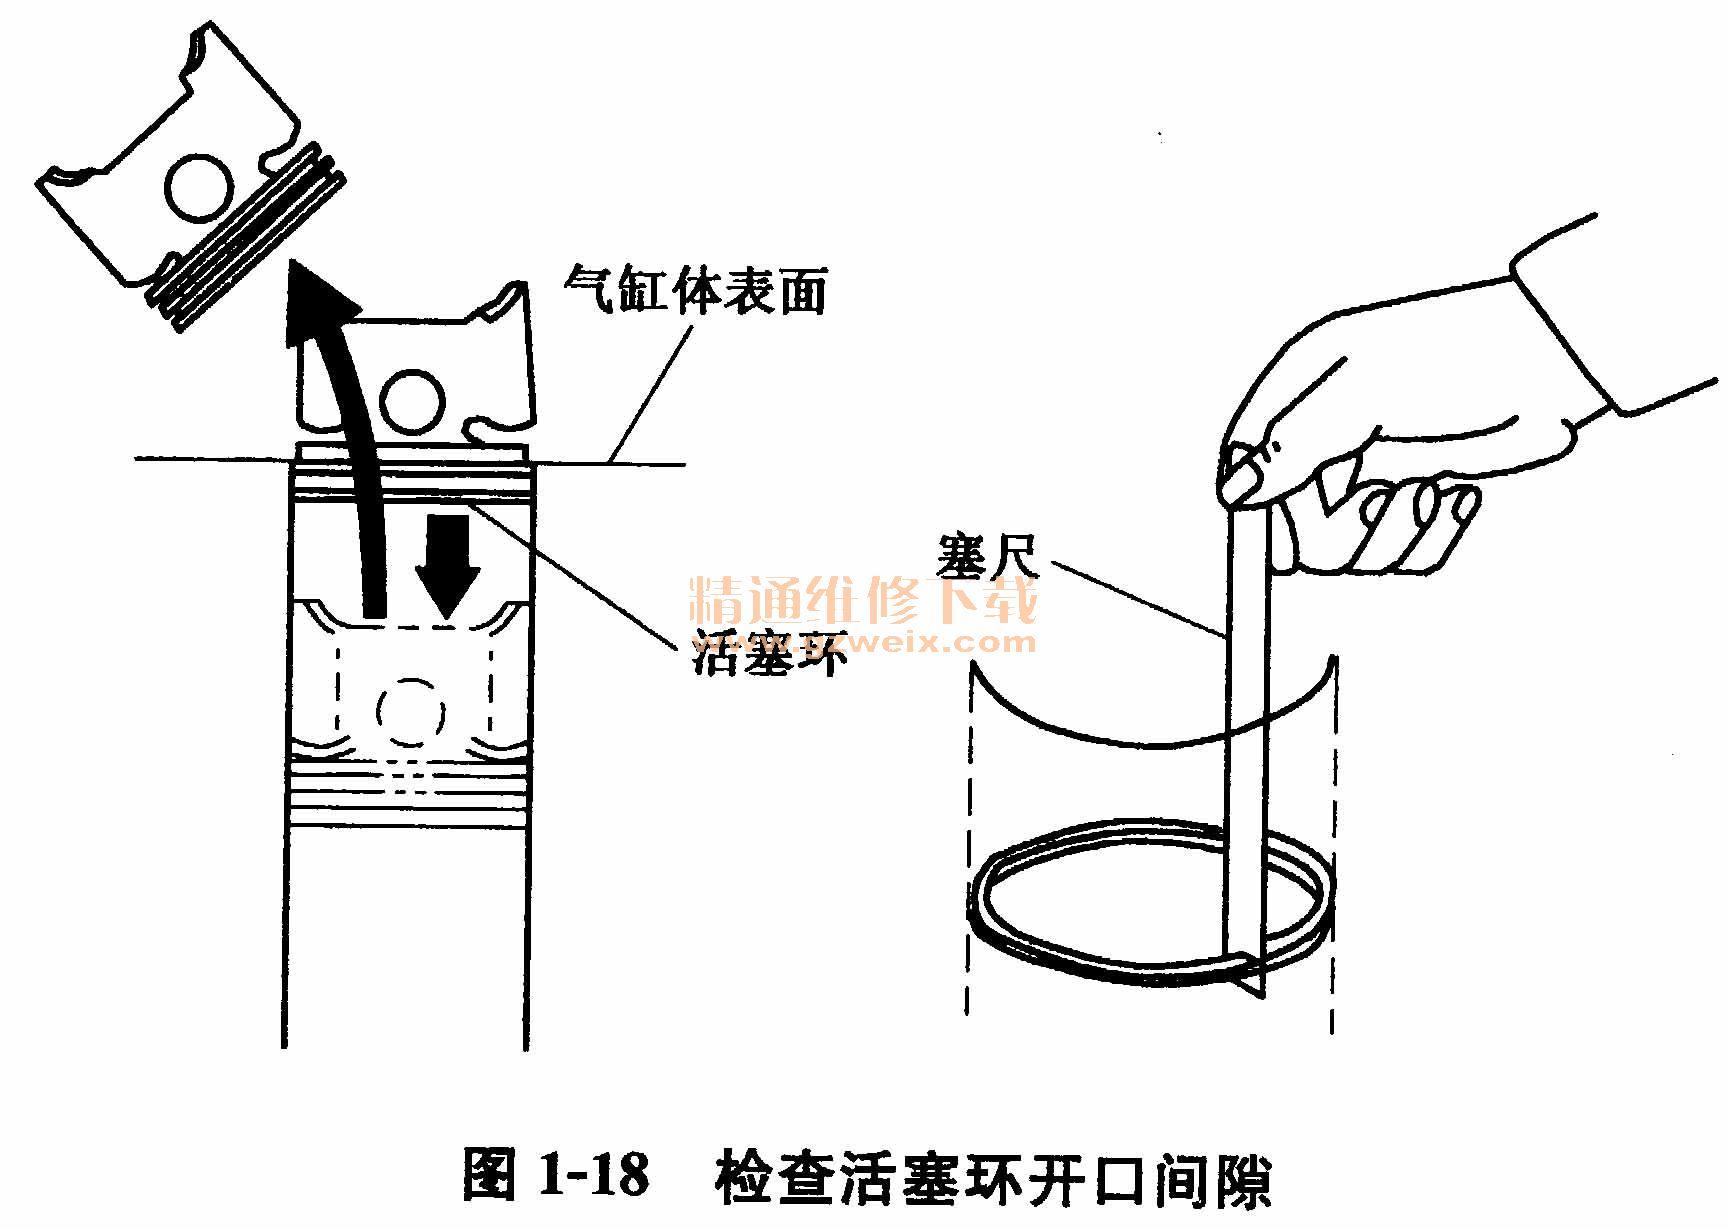 活塞环安装图_雪铁龙爱丽舍轿车活塞连杆组的检修 - 精通维修下载